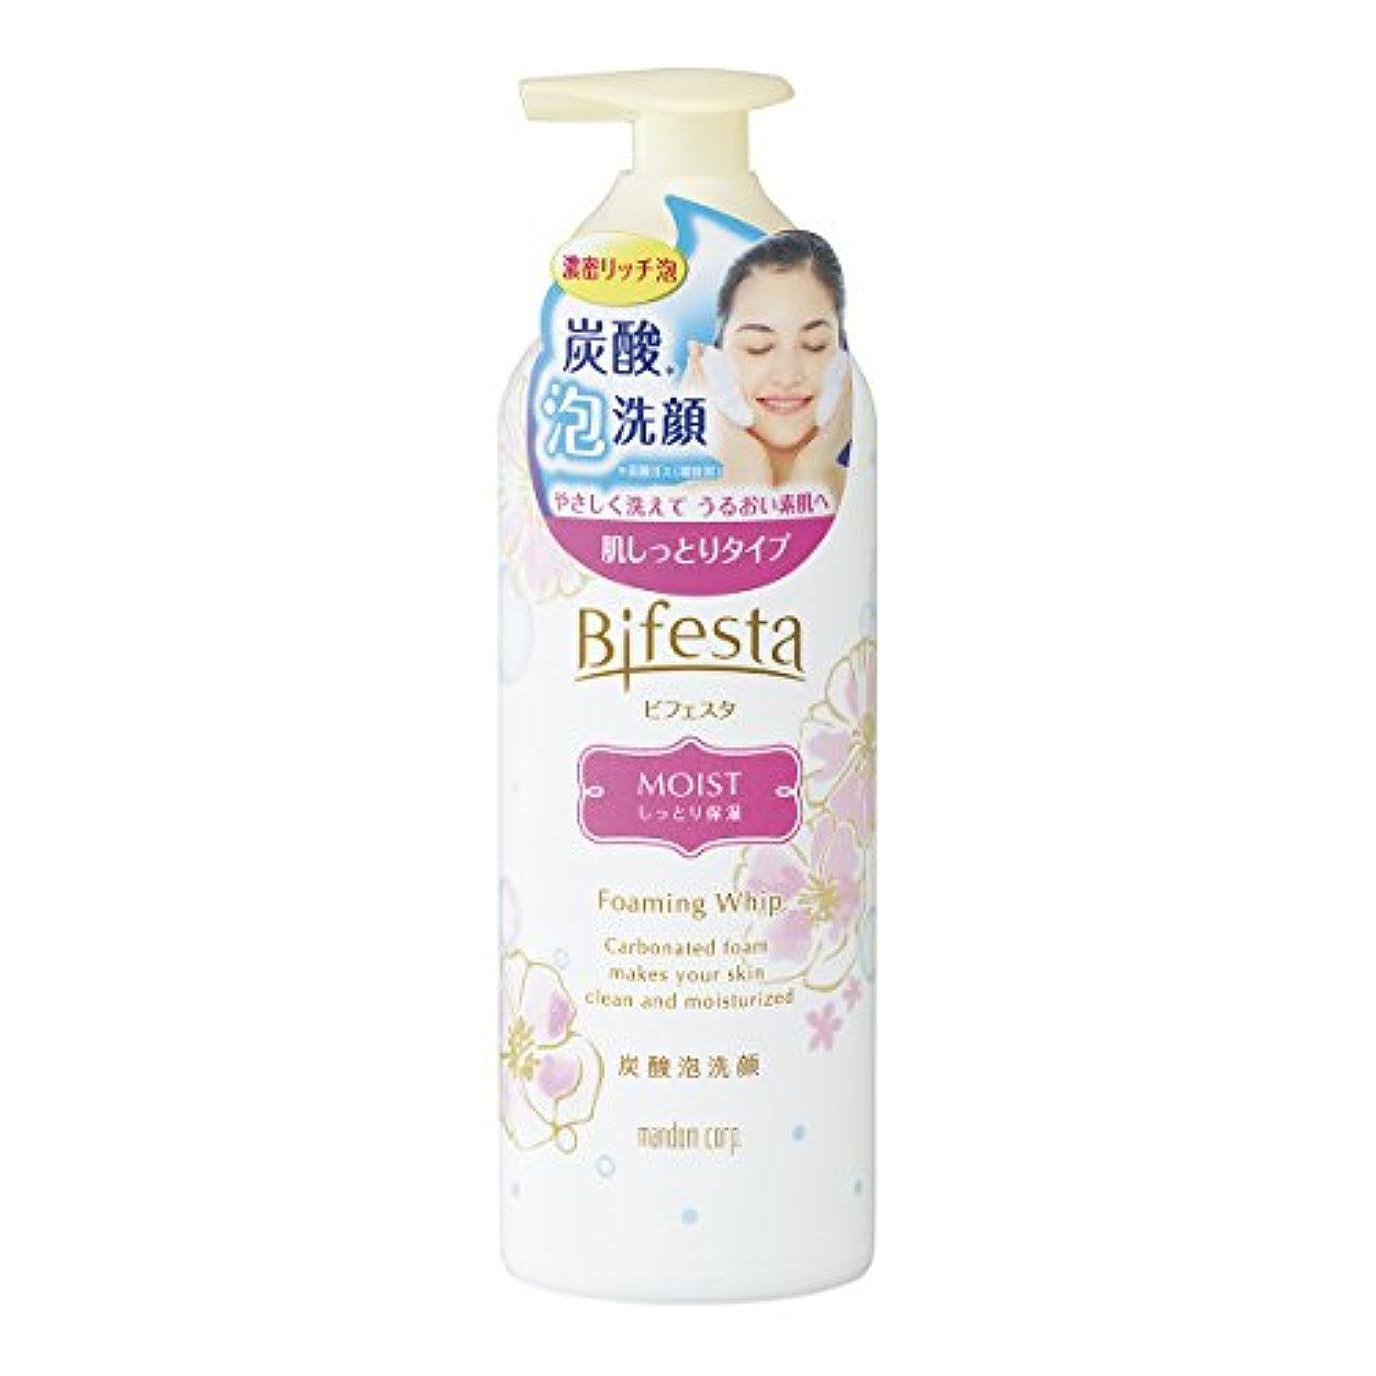 聖人最小化する芸術ビフェスタ 泡洗顔 モイスト 180g